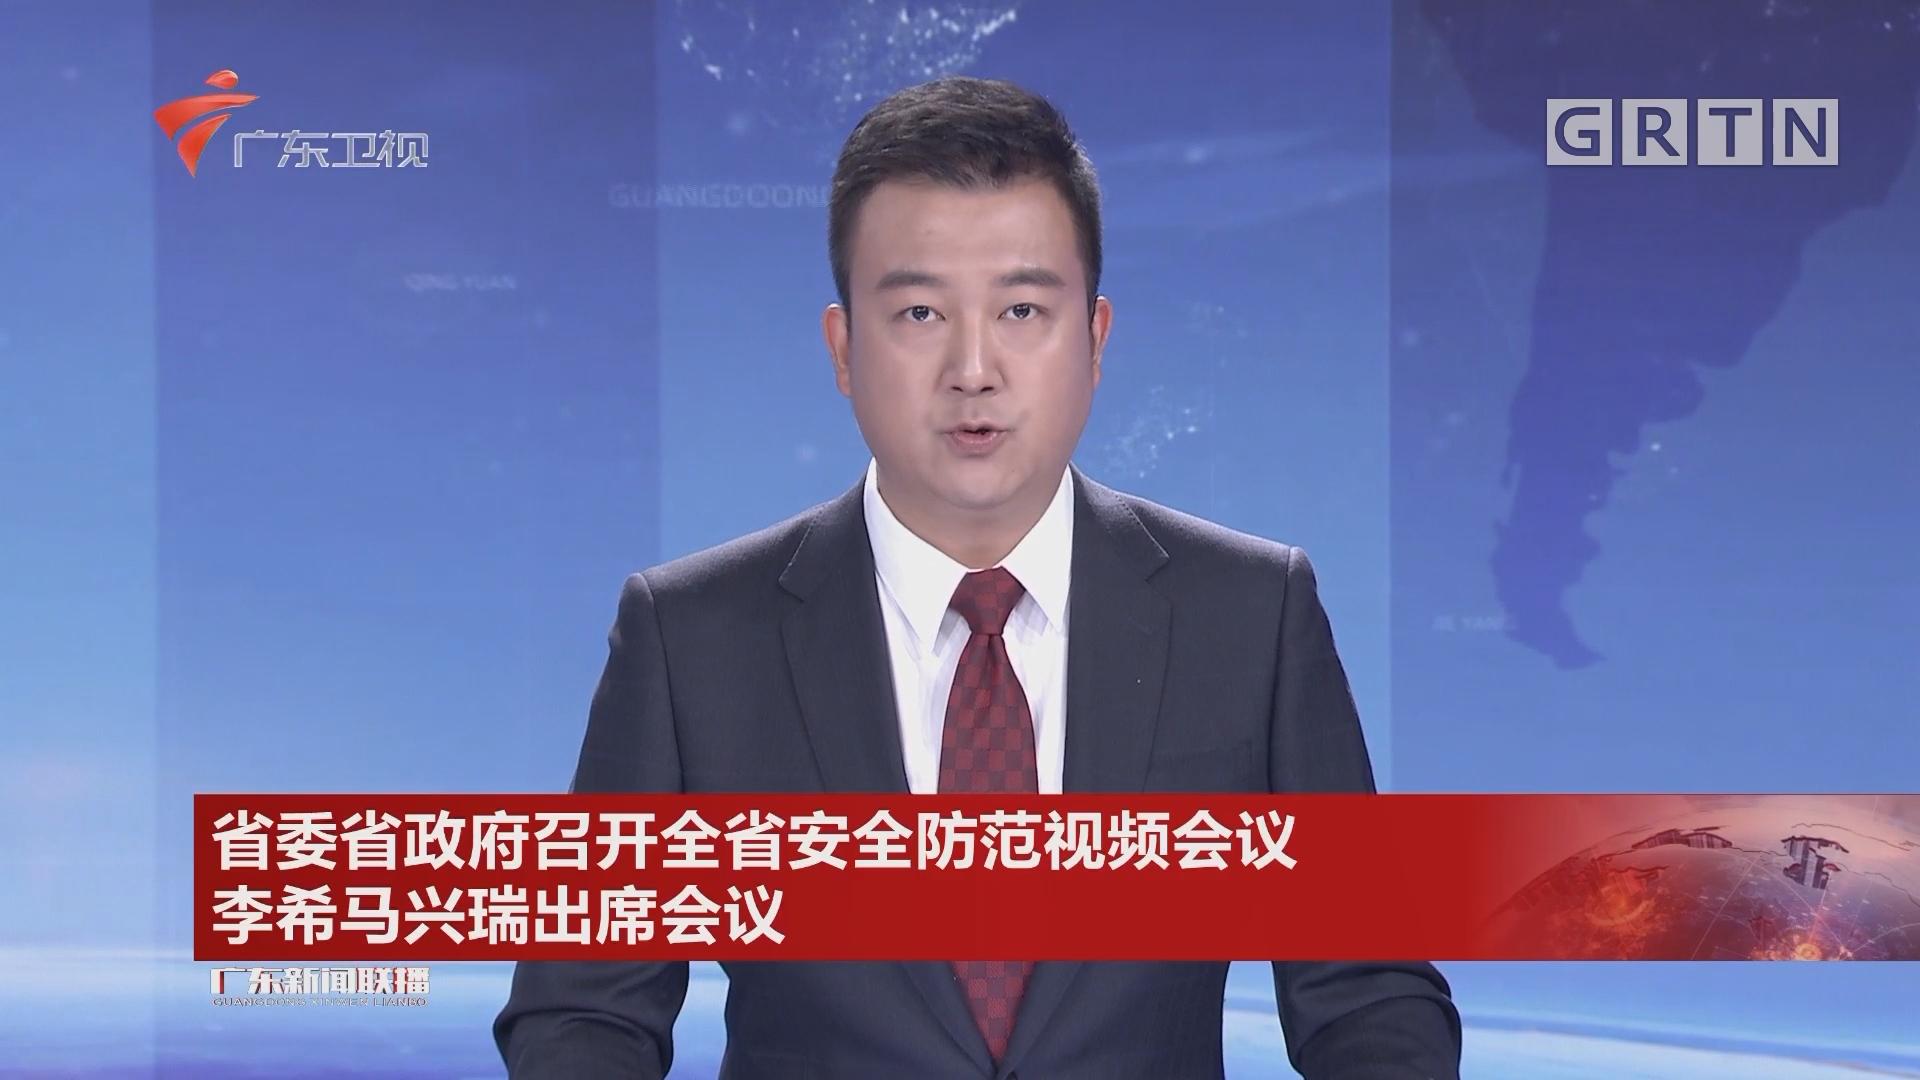 省委省政府召开全省安全防范视频会议 李希马兴瑞出席会议